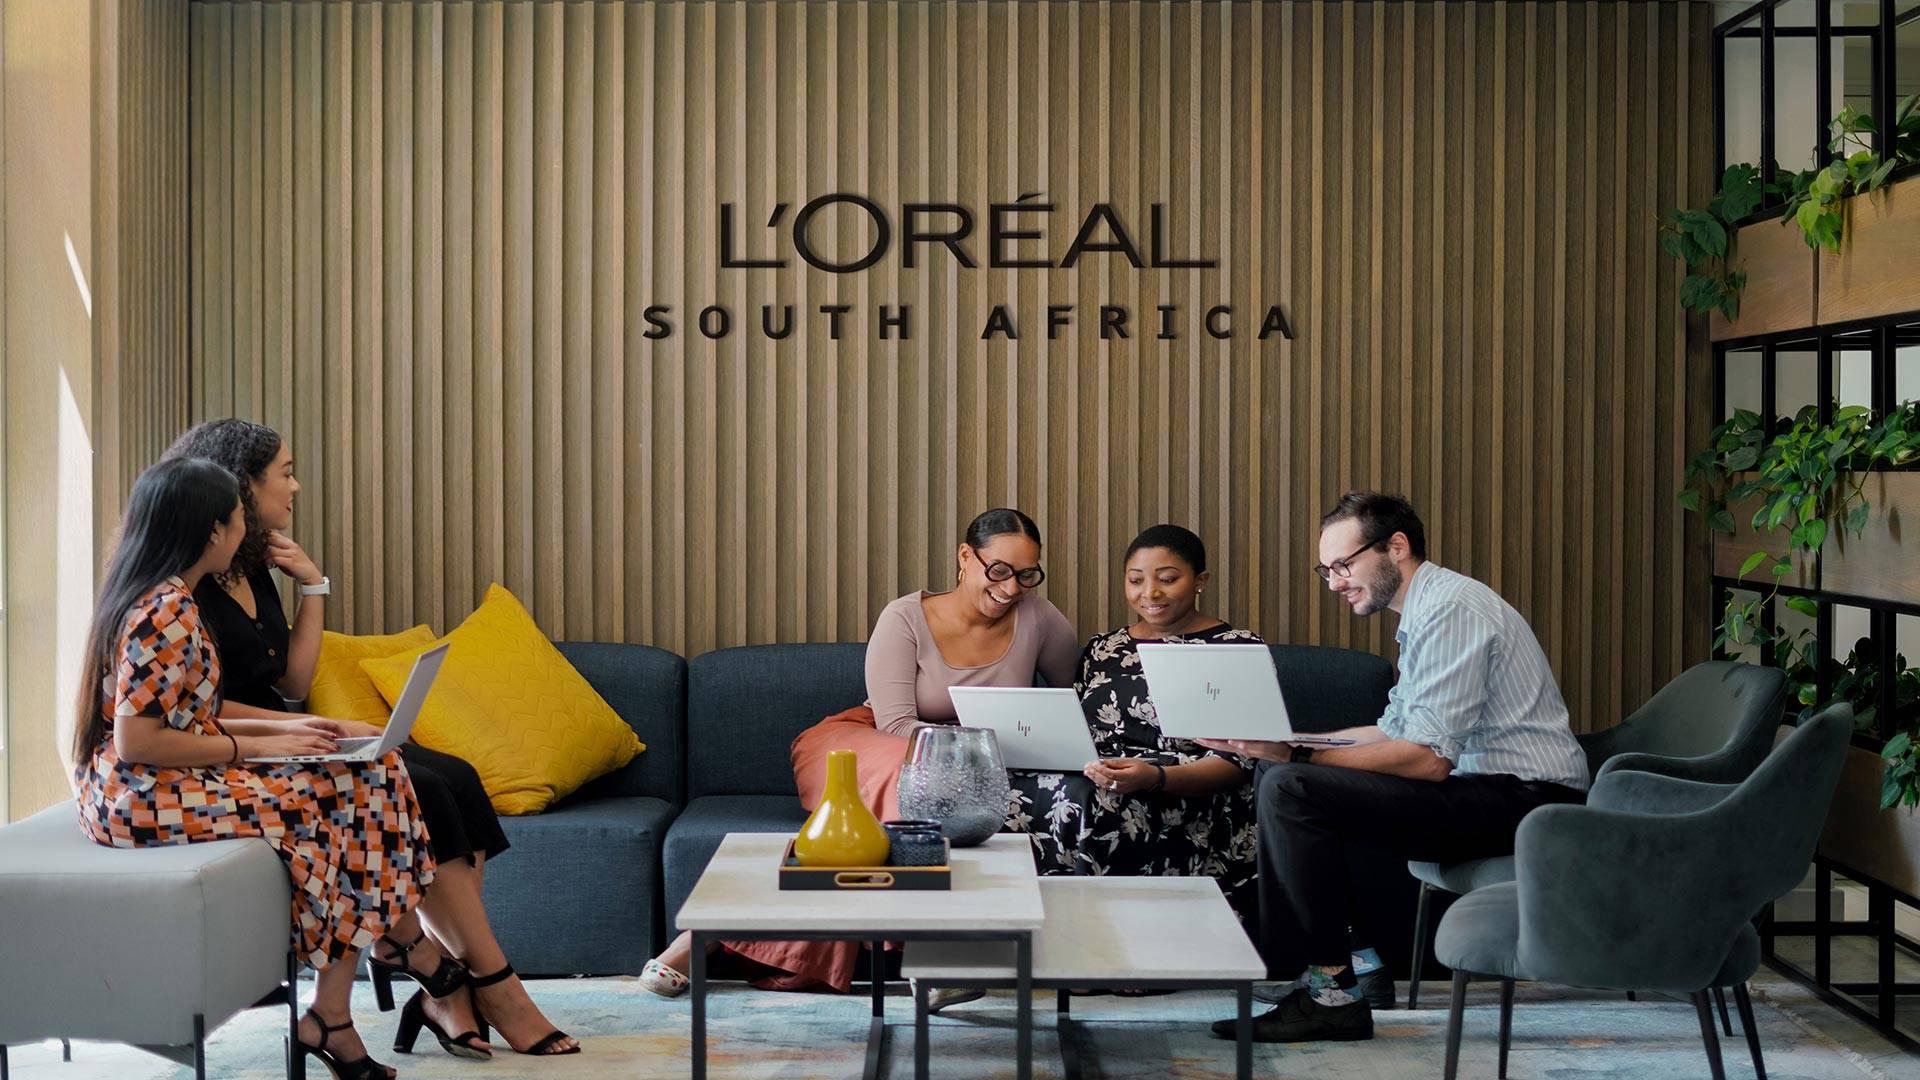 L'Oréal South Africa